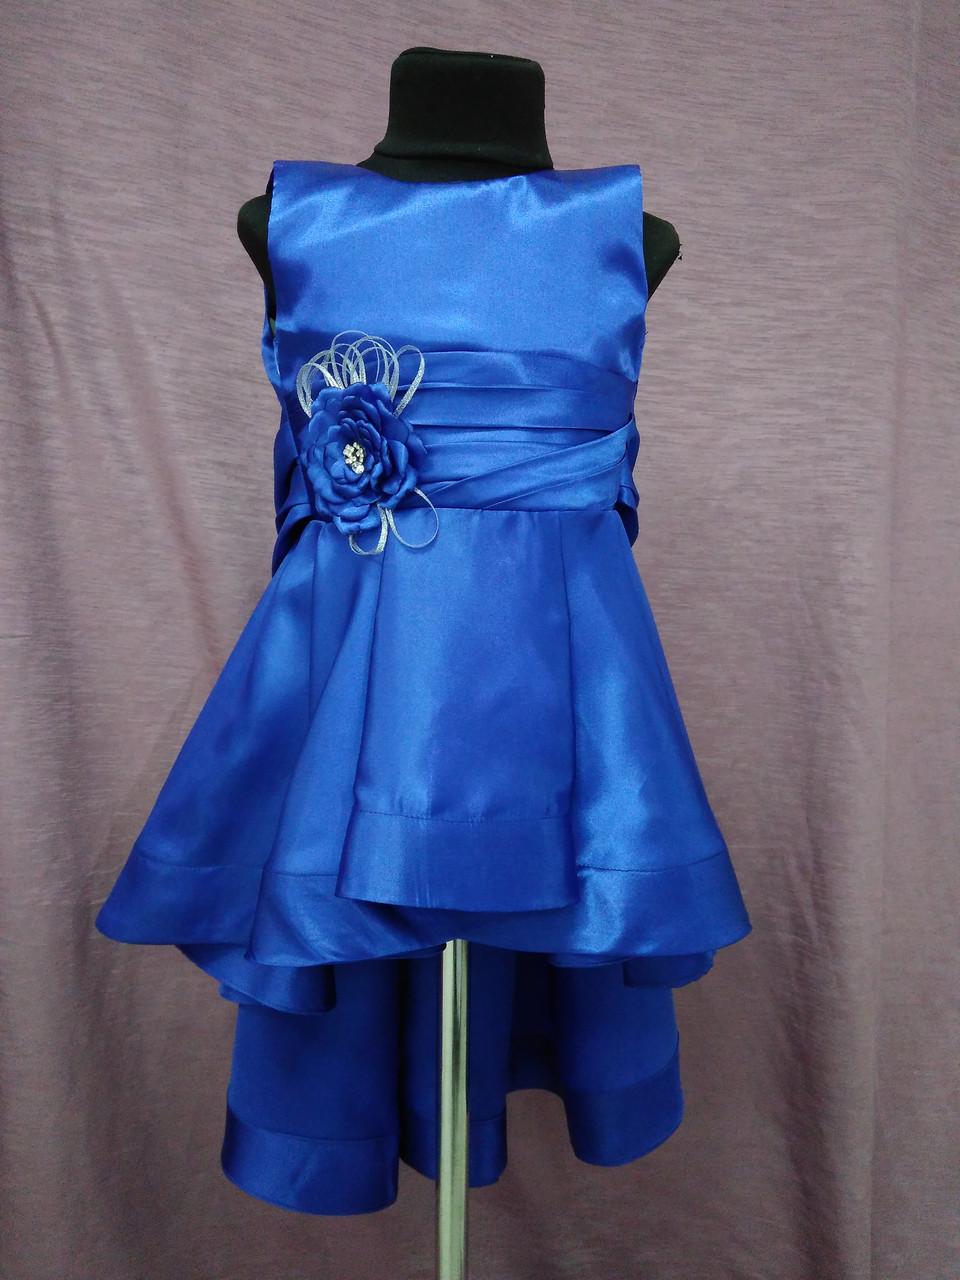 Платье детское нарядное с каскадной юбкой на 3-5 лет синее